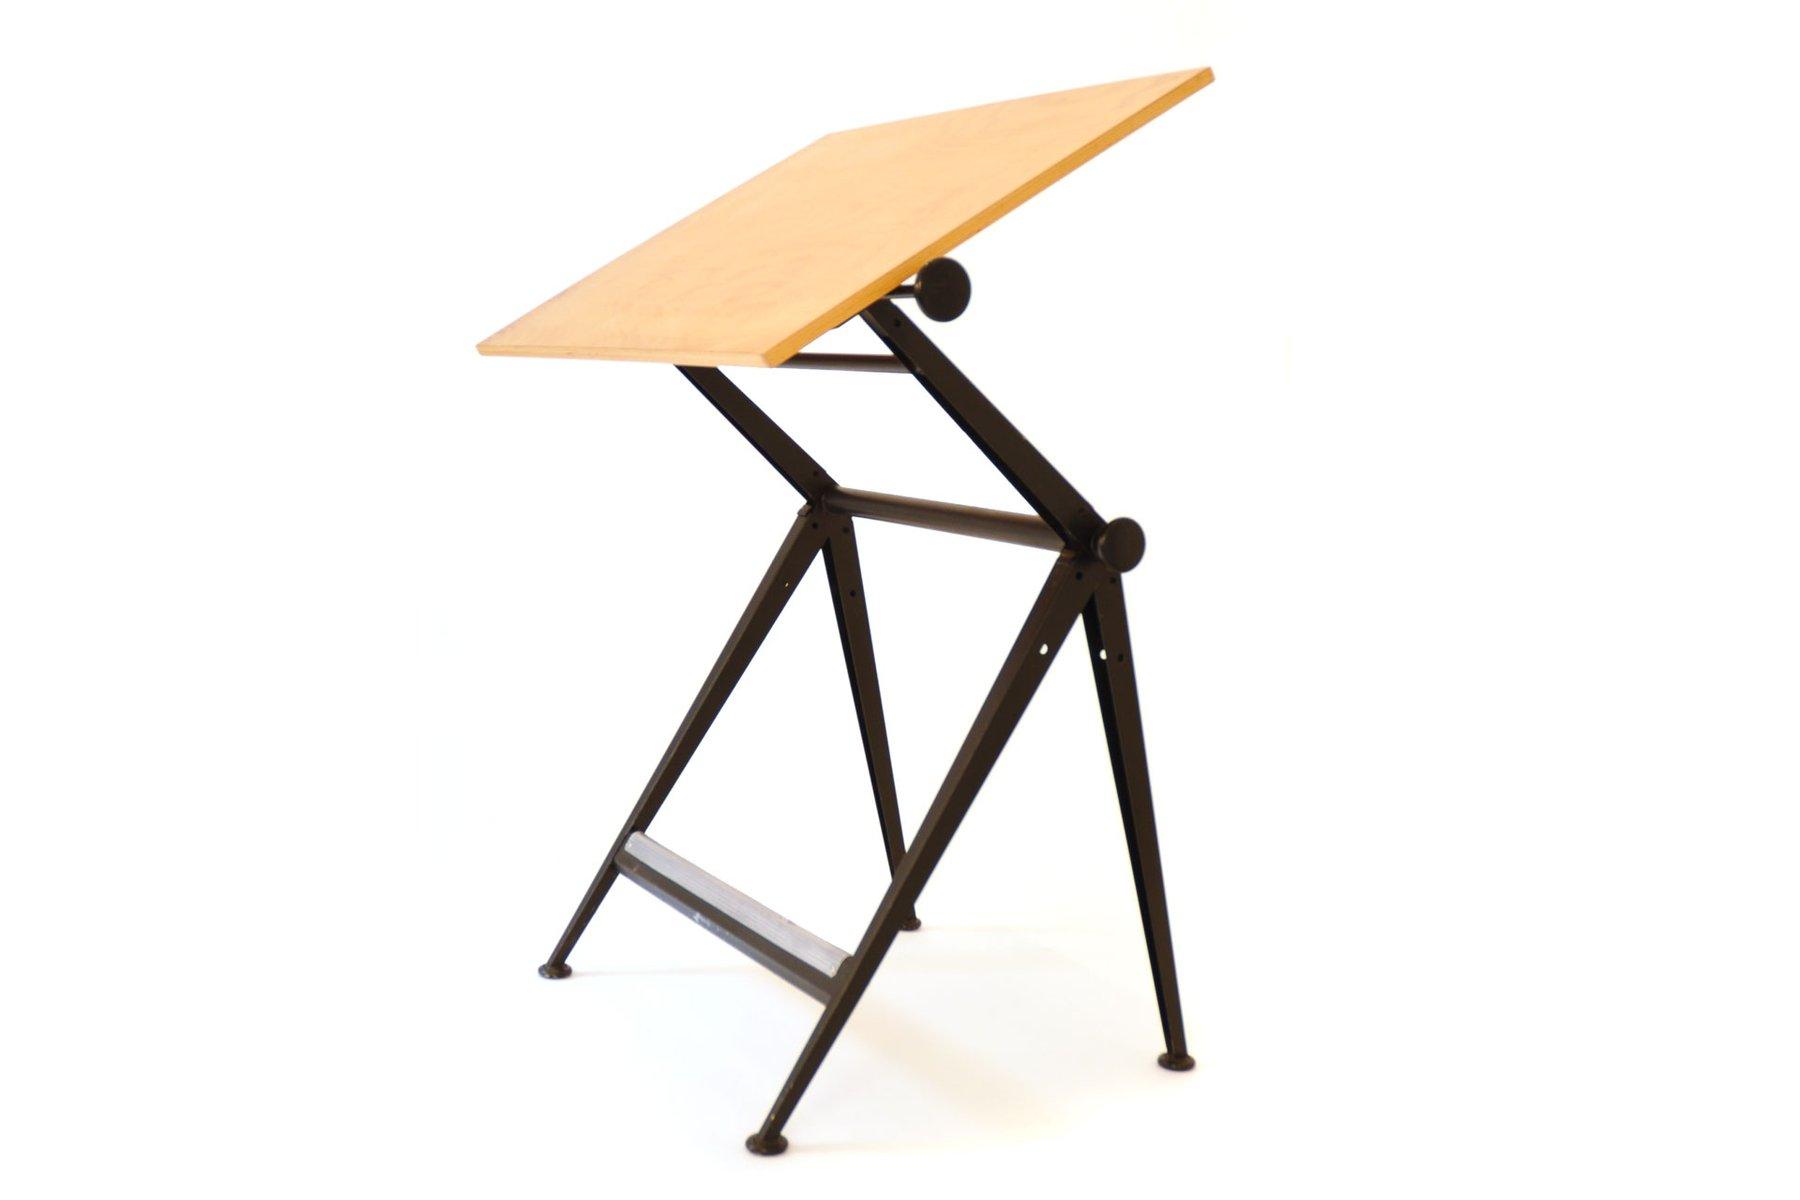 Tavolo da disegno vintage di wim rietveld friso kramer per ahrend de cirkel in vendita su pamono - Il tavolo da disegno ...